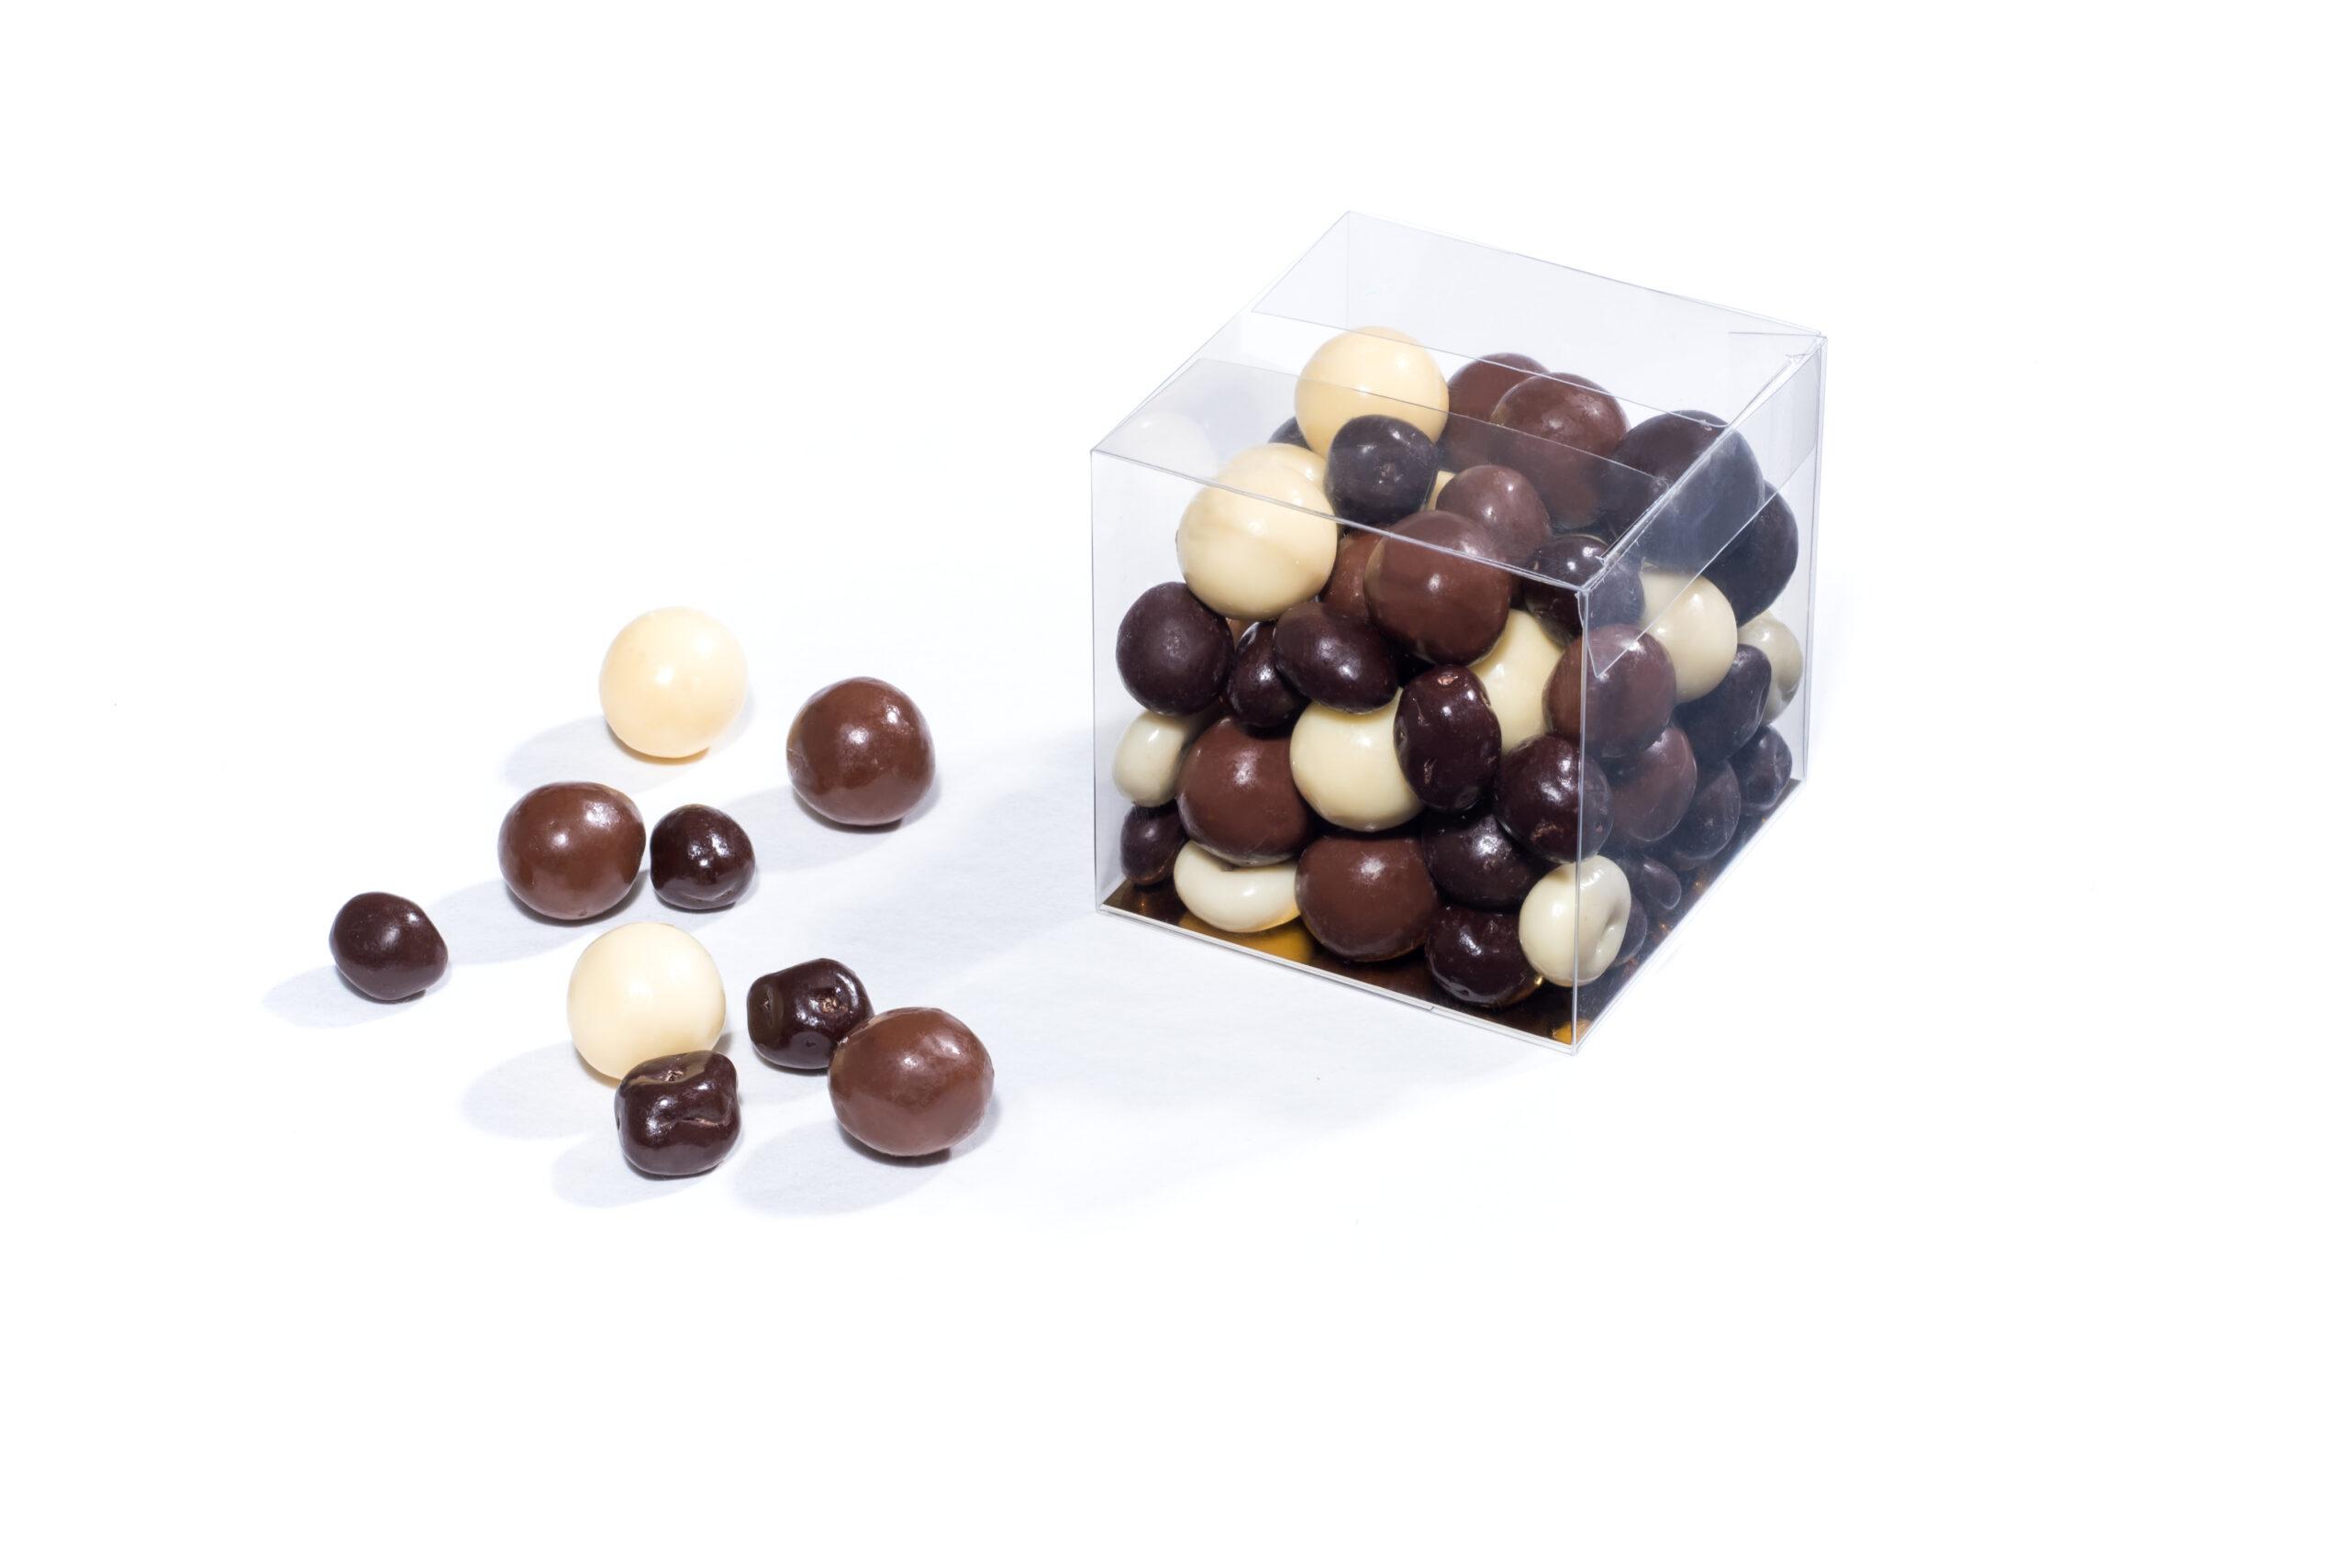 Verpakking voor confiserie | Chocoladeverpakking